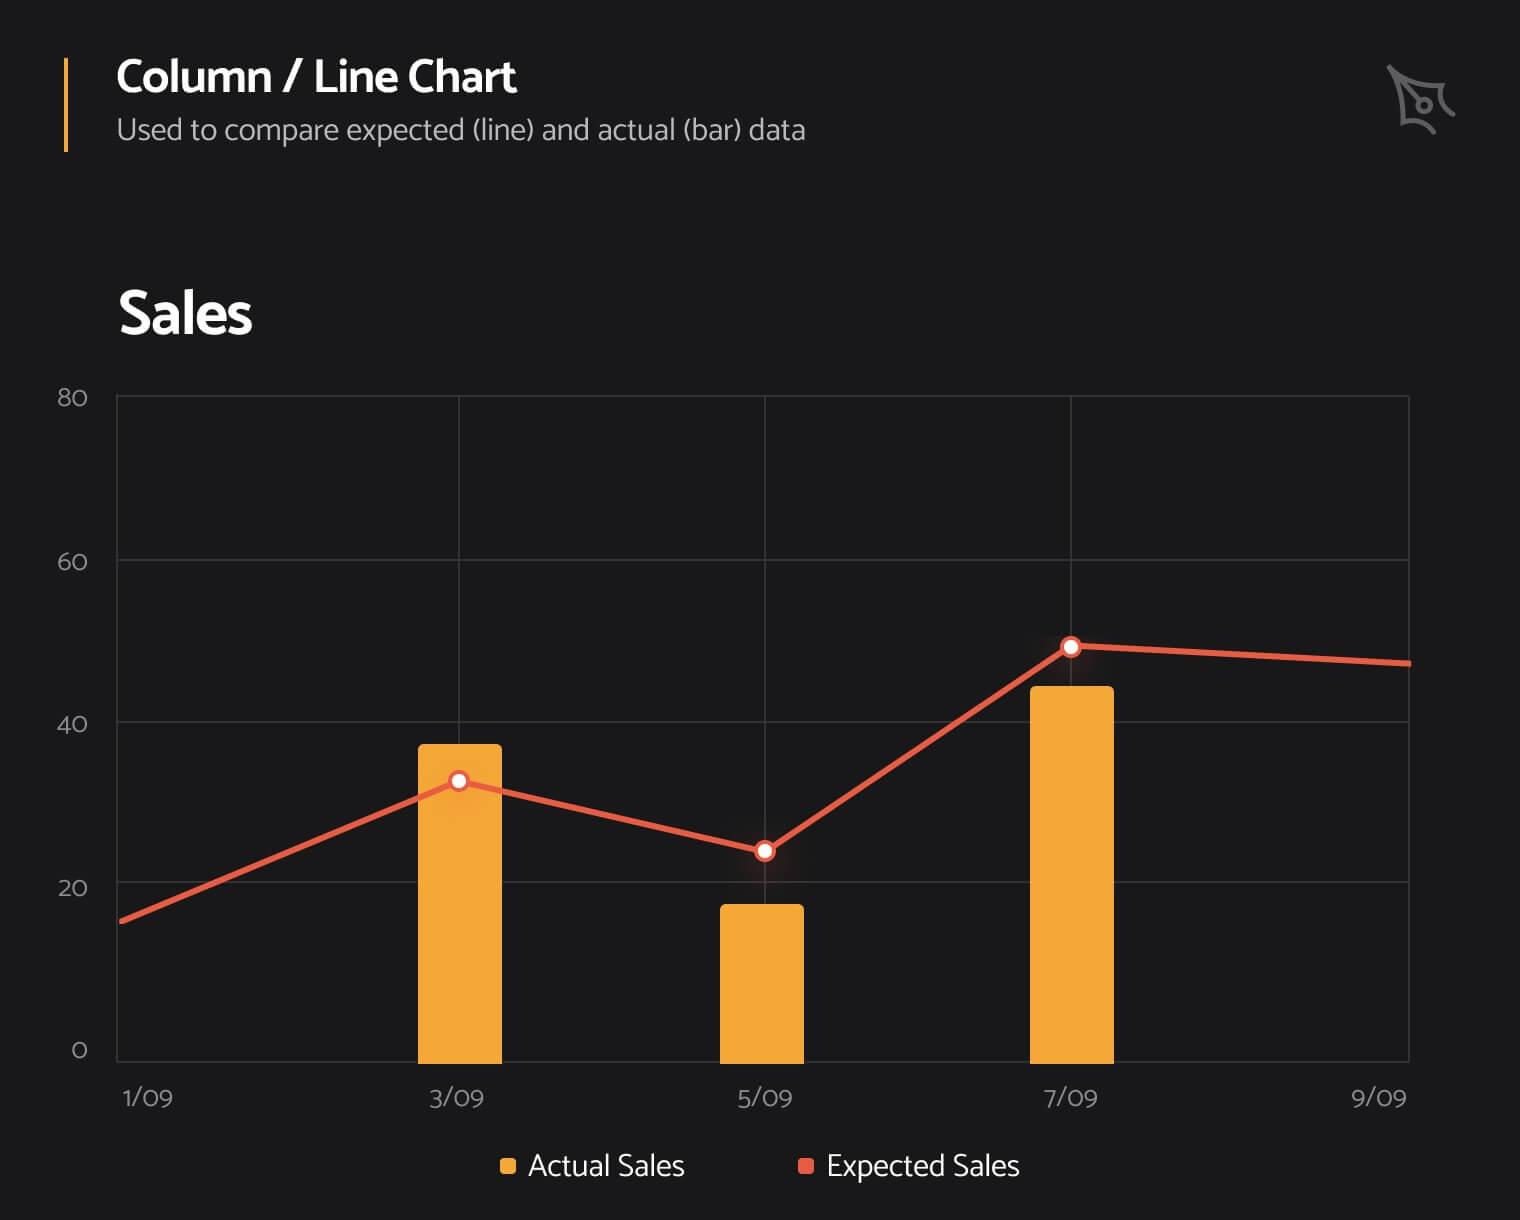 Column/line chart